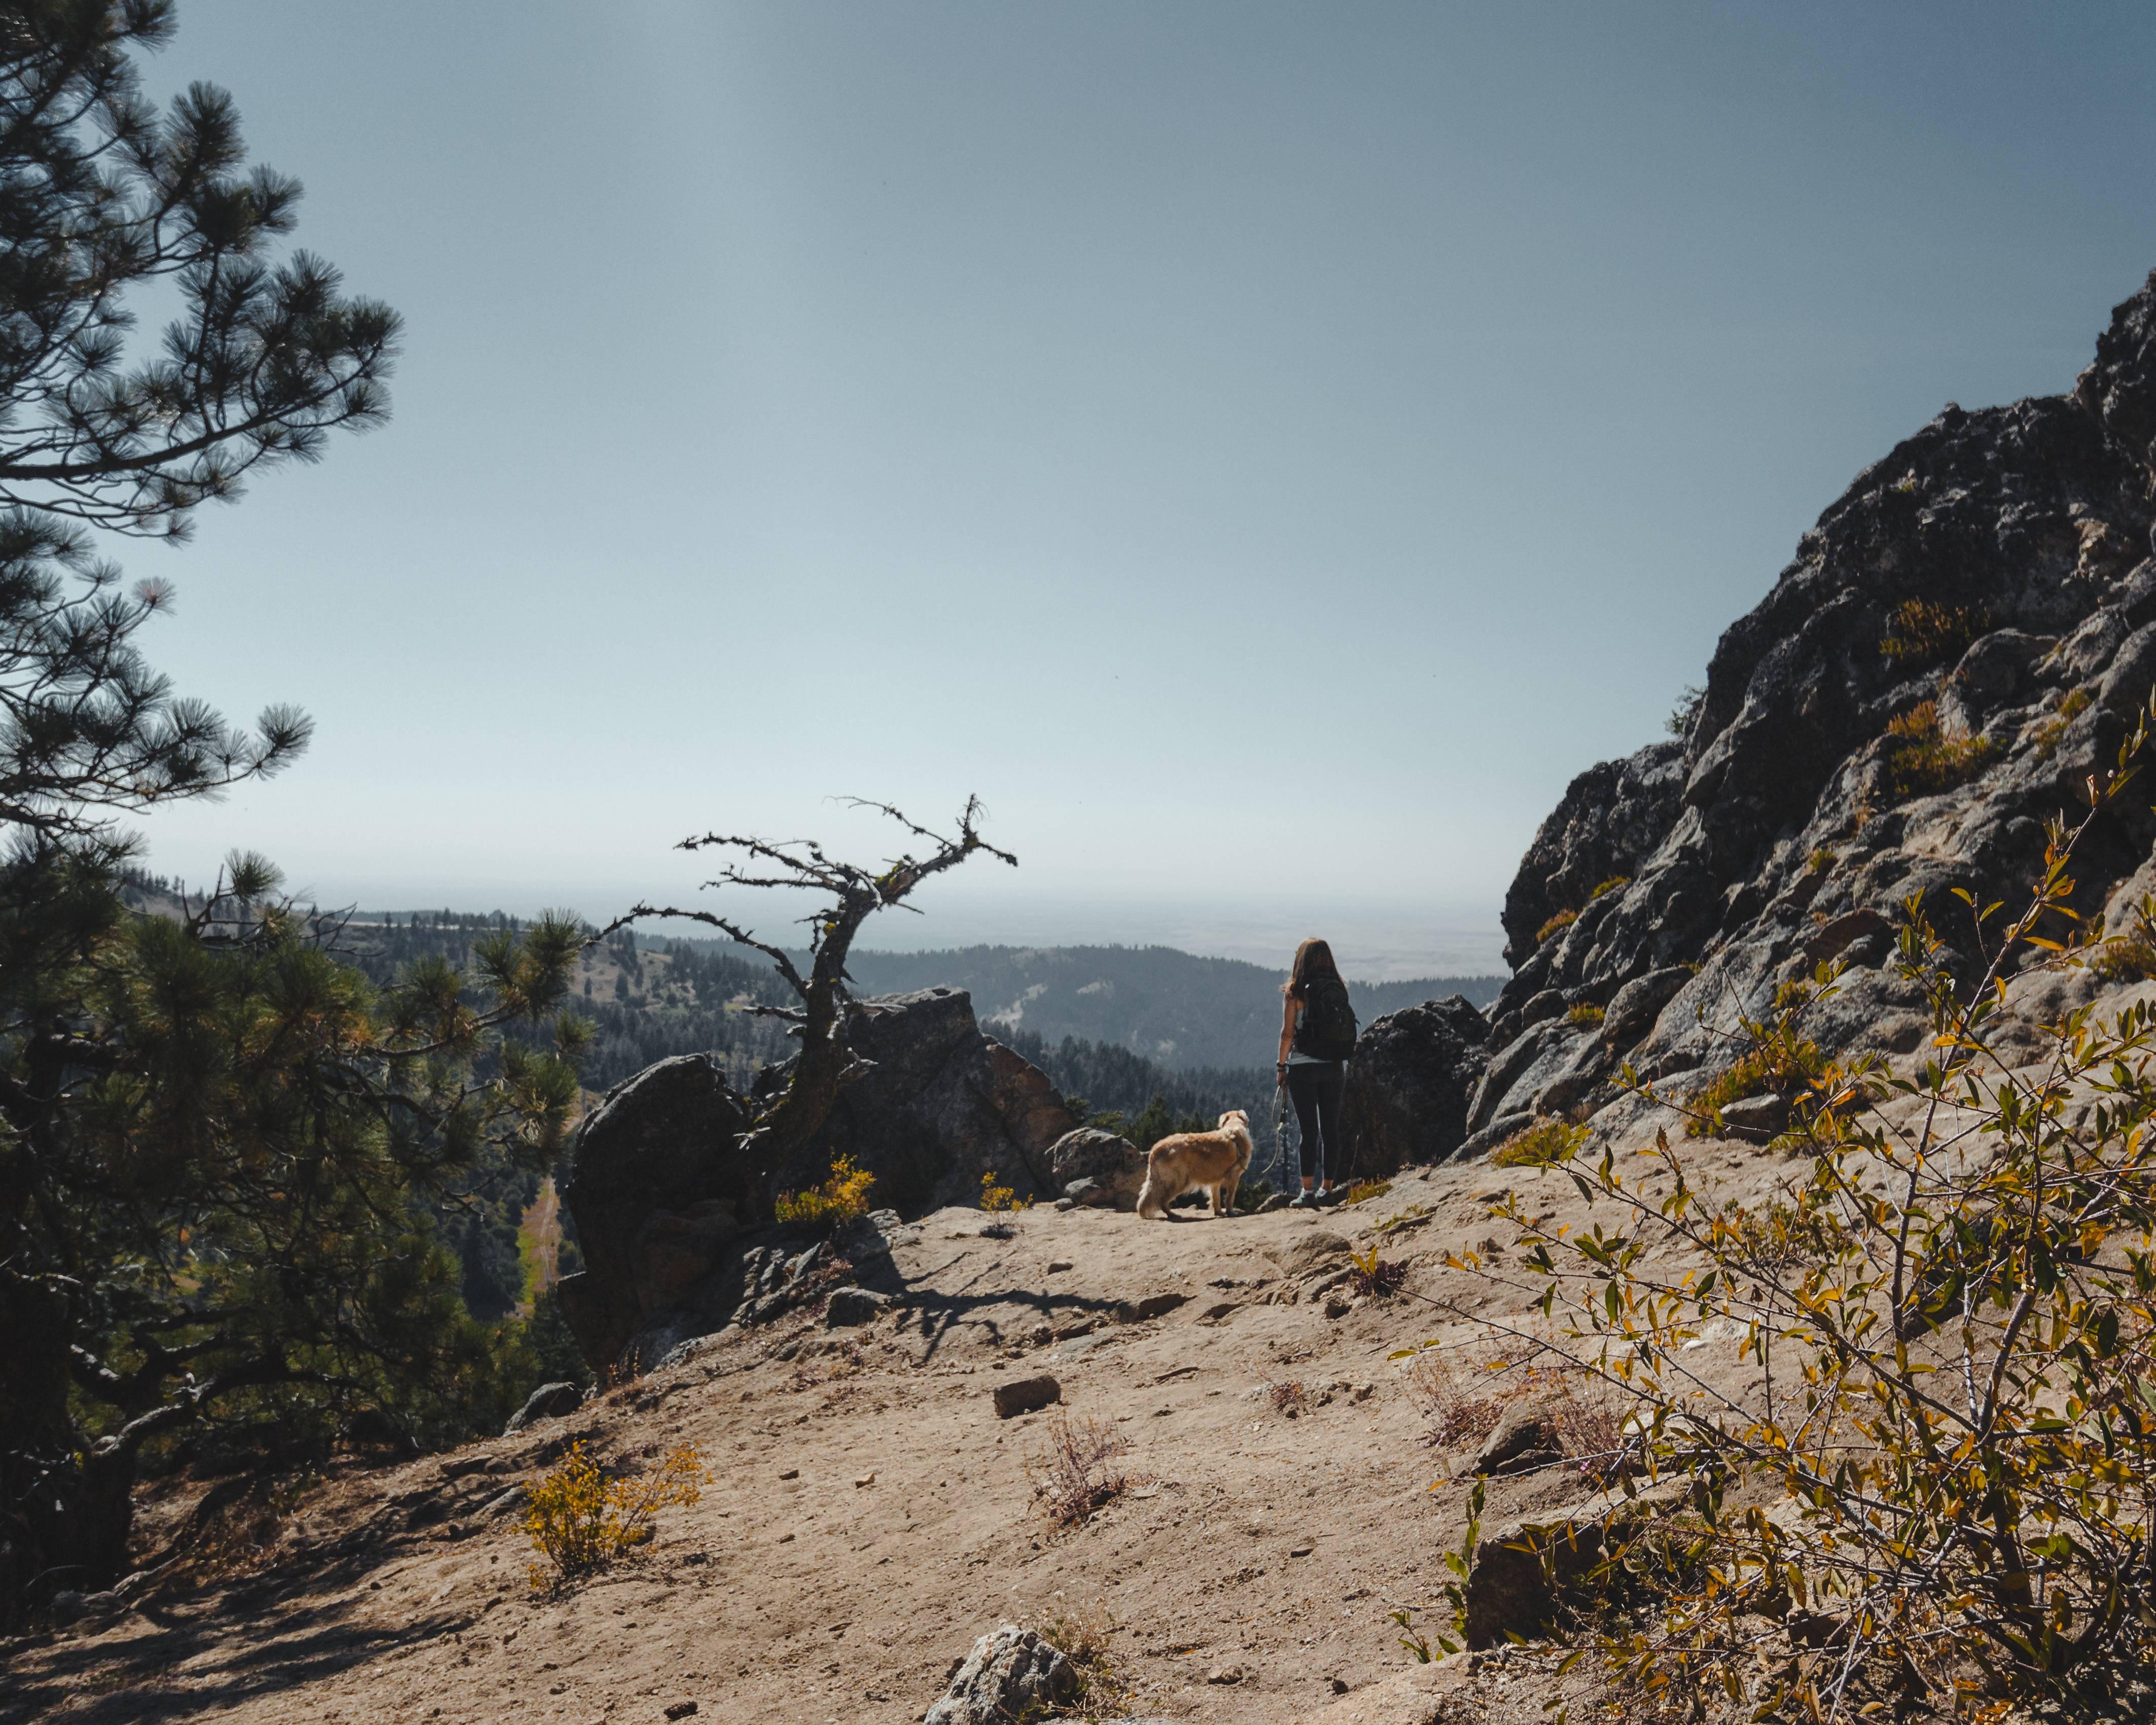 woman and dog on hike